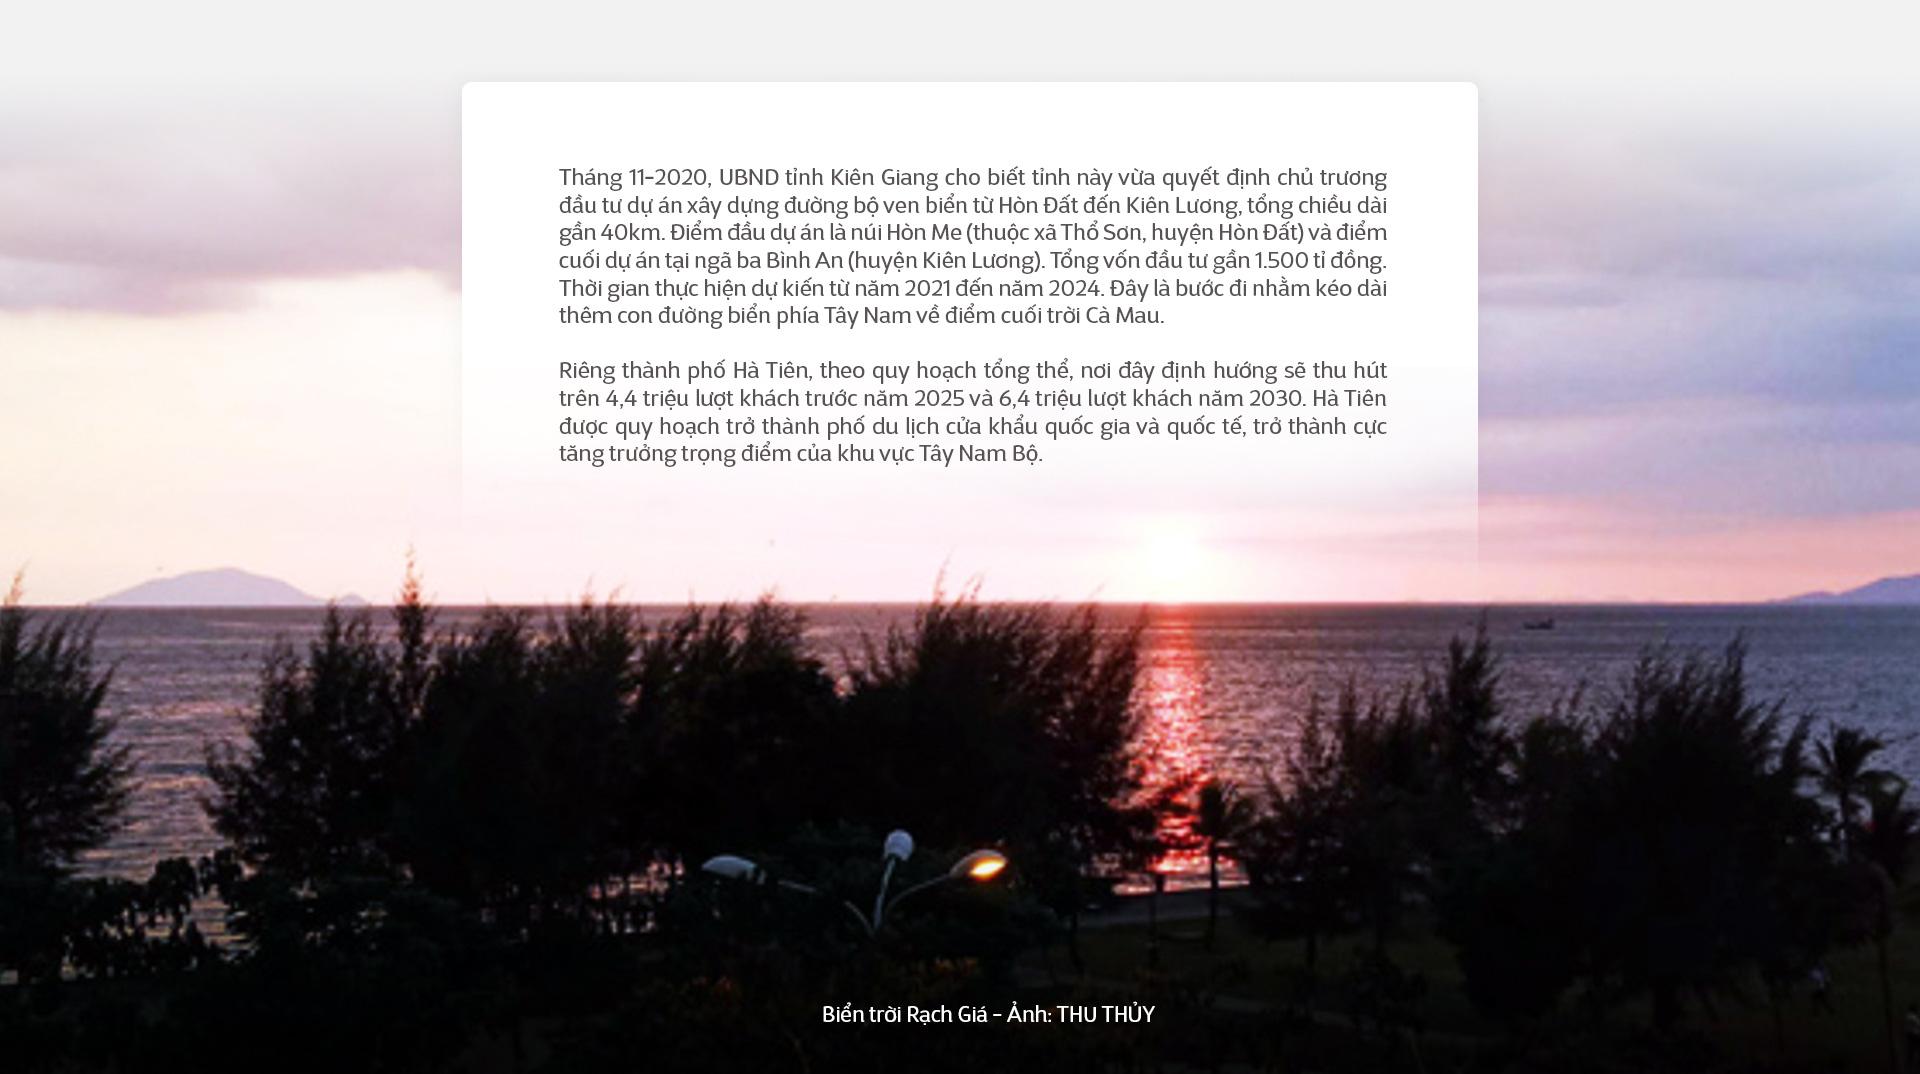 (Kì 6) mới - Bờ biển Tây Nam: bình dị mà khó quên - Ảnh 6.